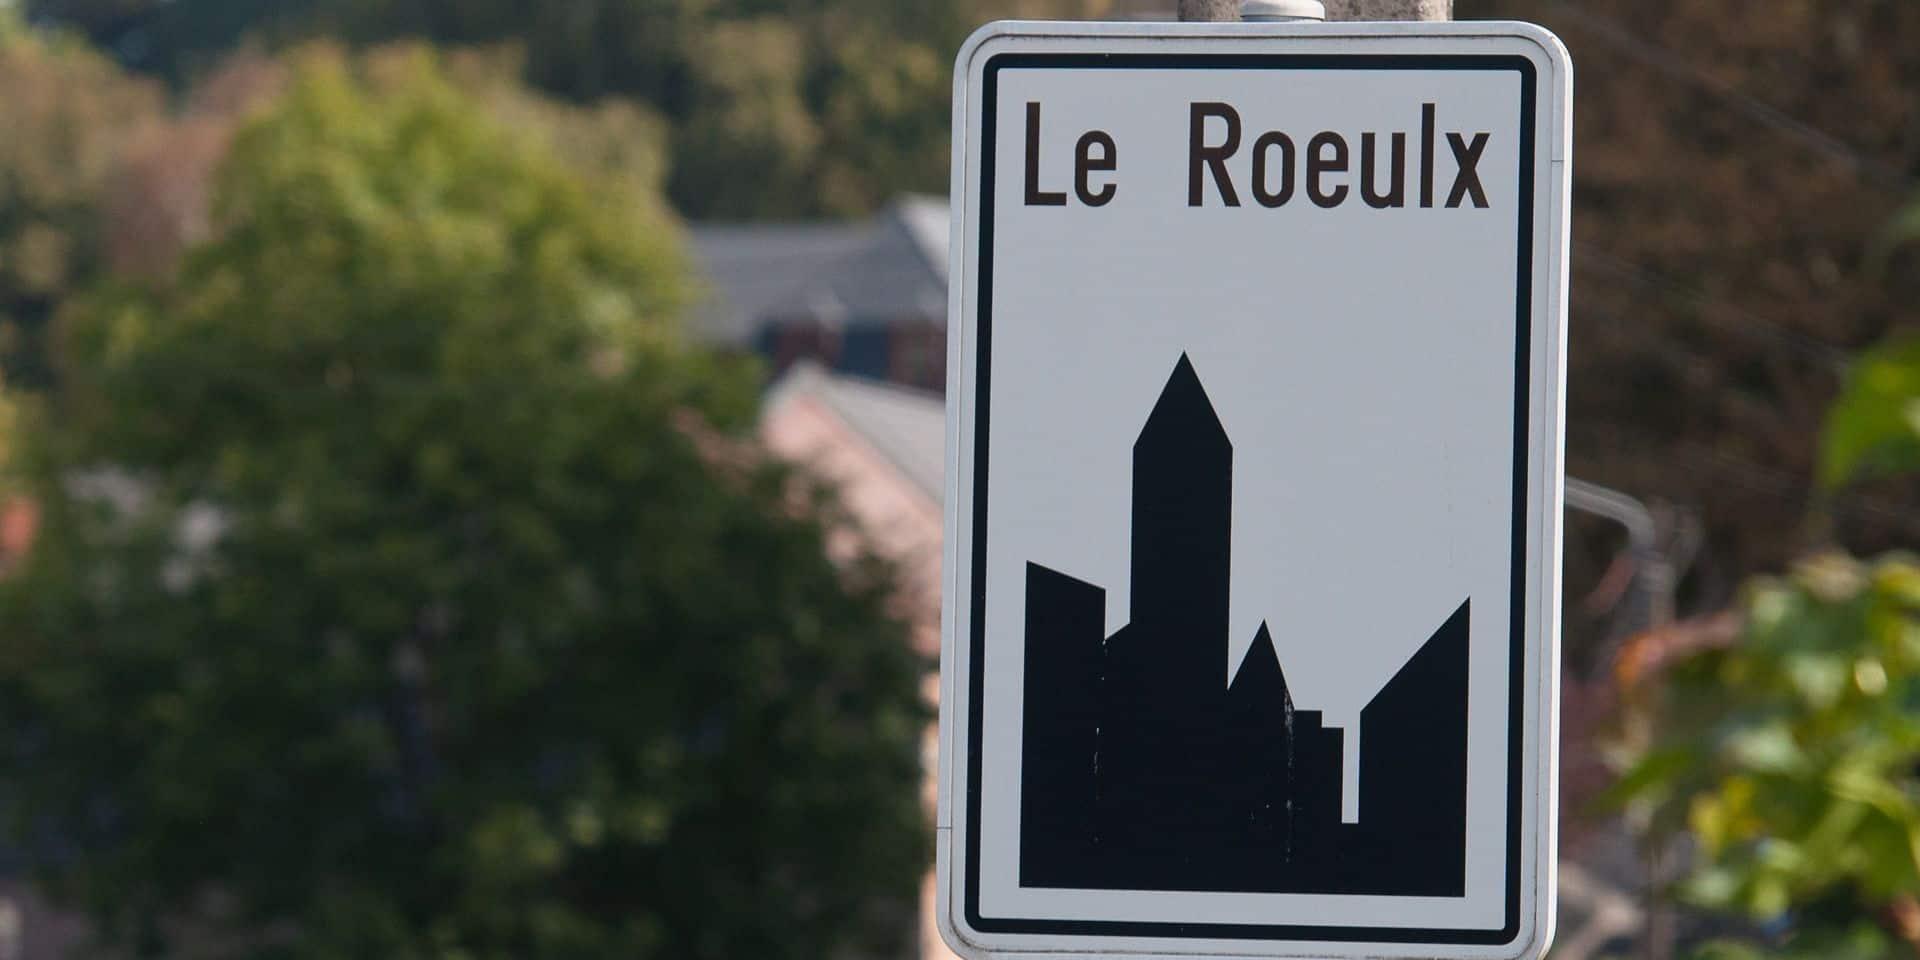 Le Roeulx: l'opposition demande l'urgence climatique